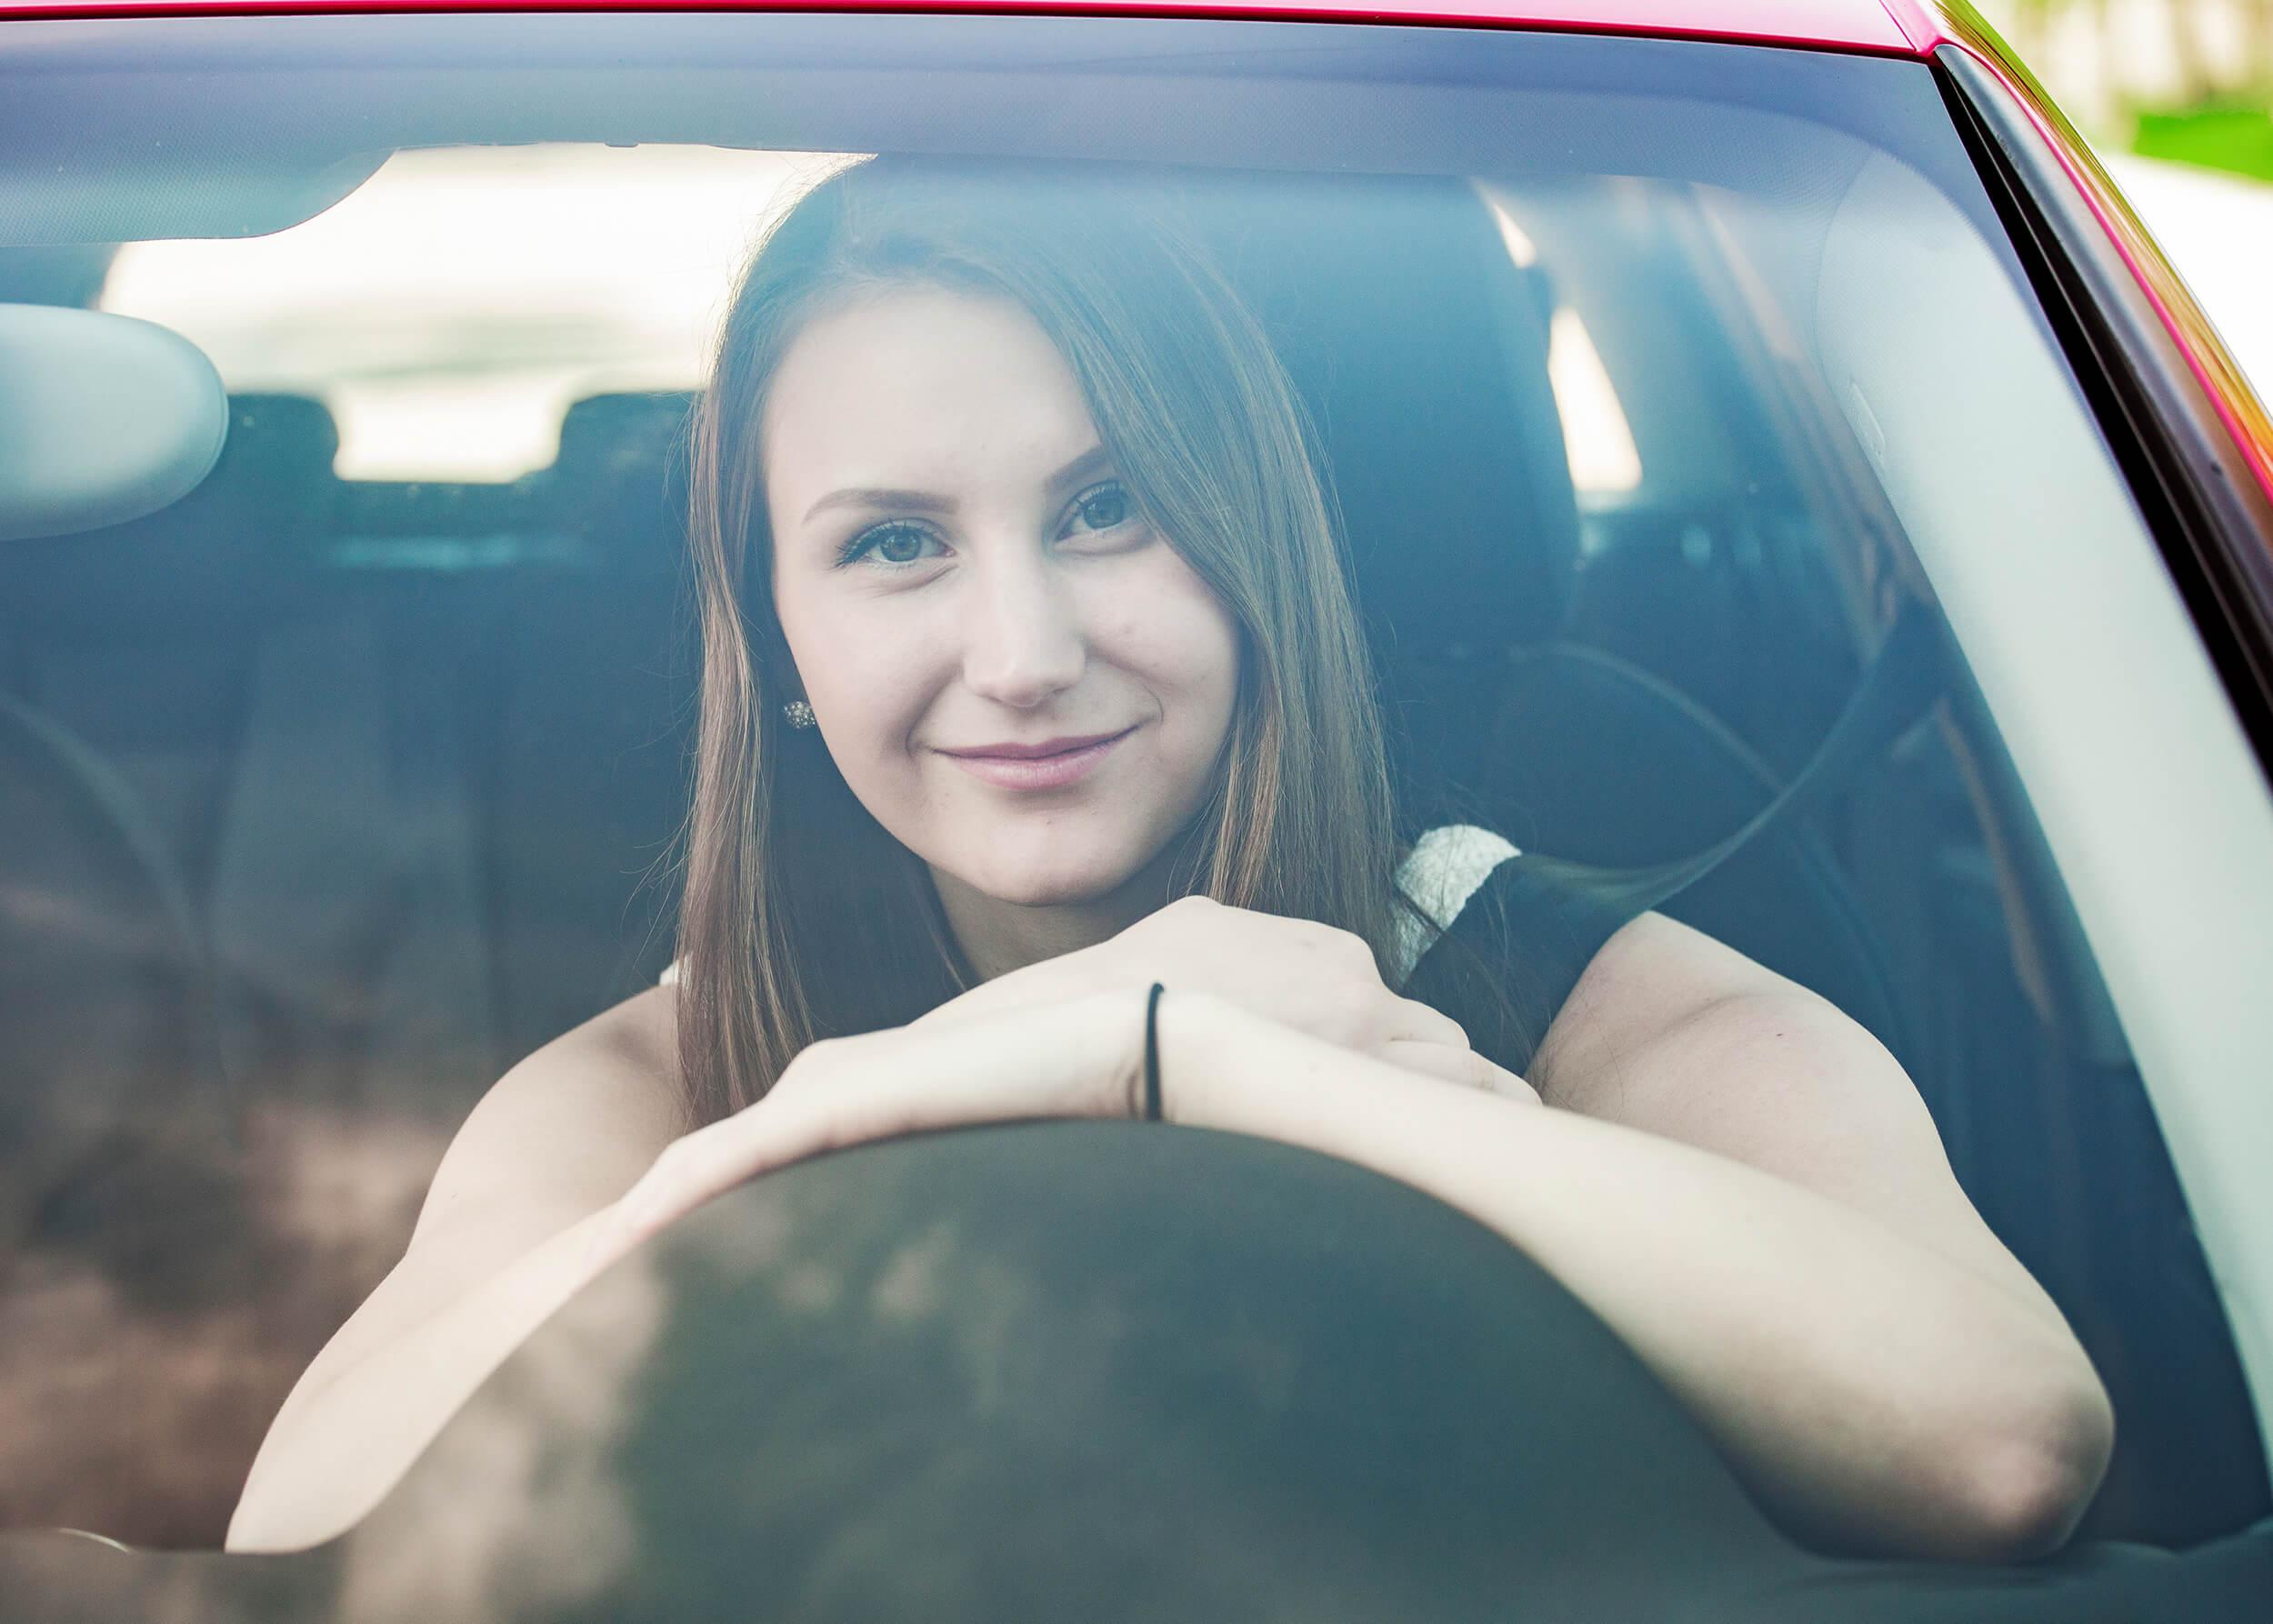 valokuvaus_palvelut_yritykset_autokoulu